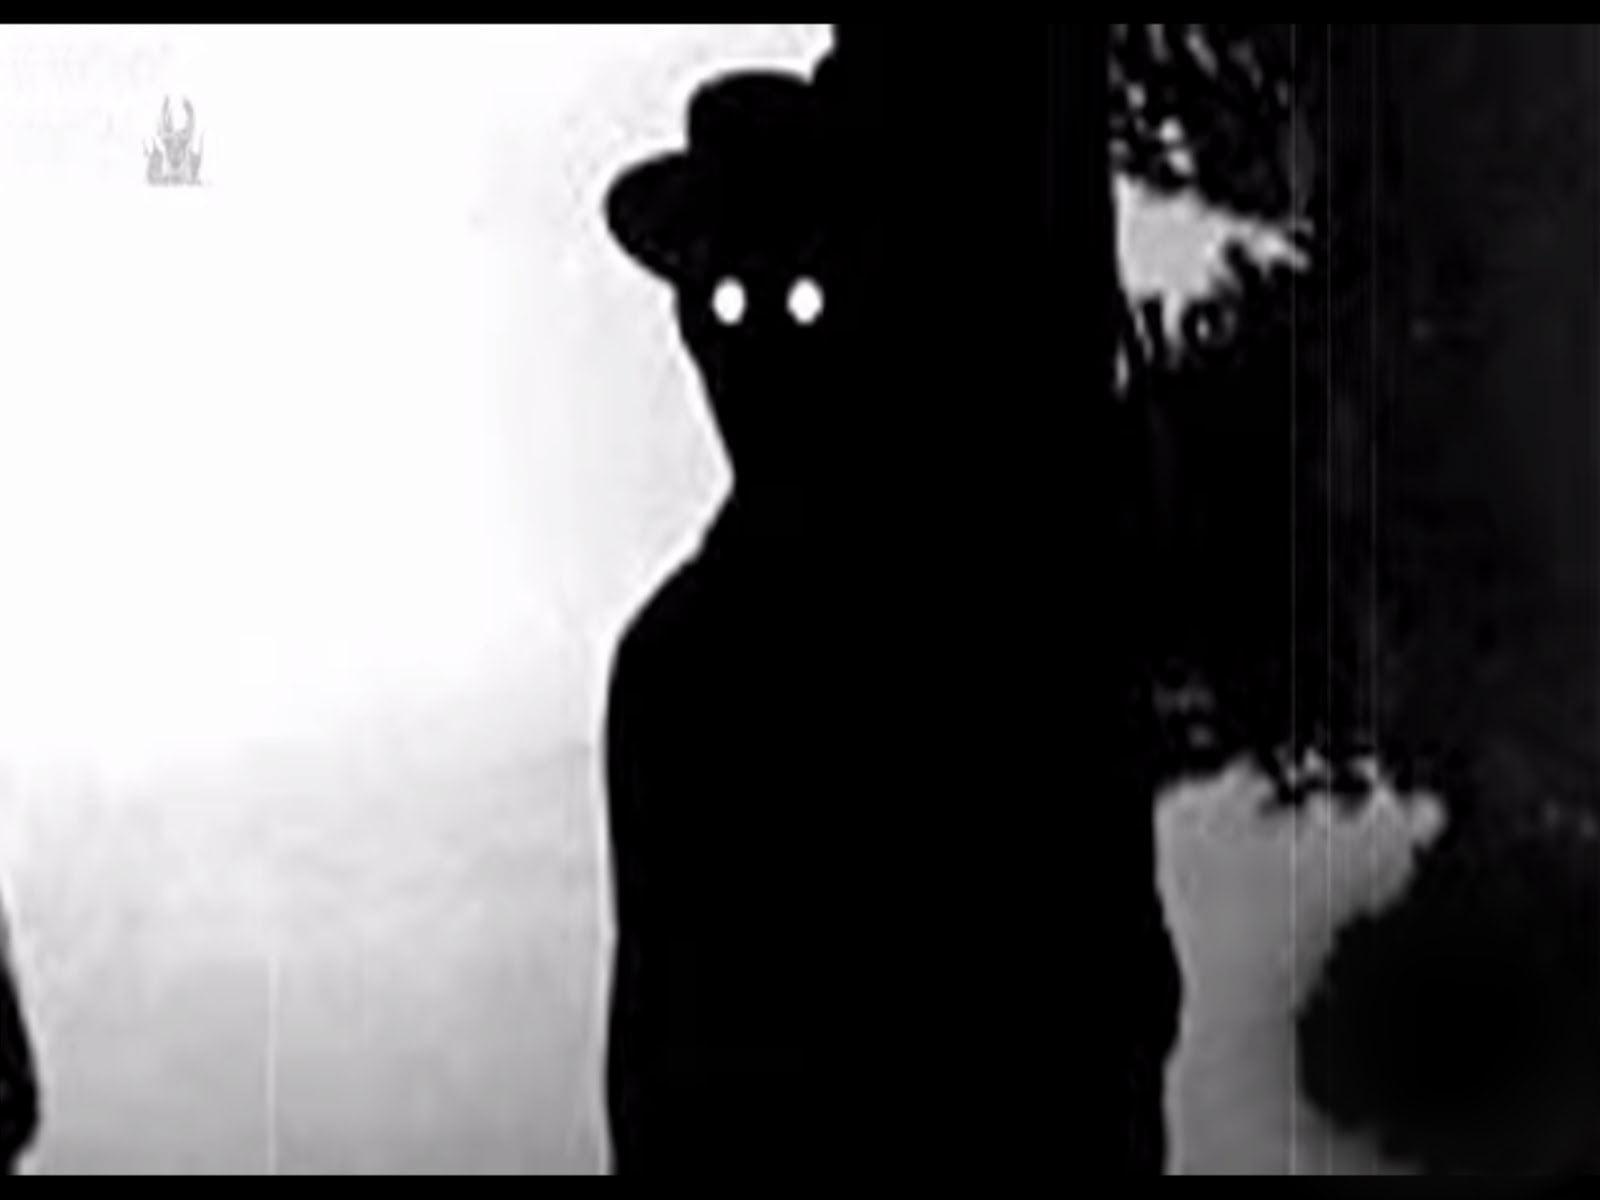 Fenómenos Paranormales Grabados en una Casa